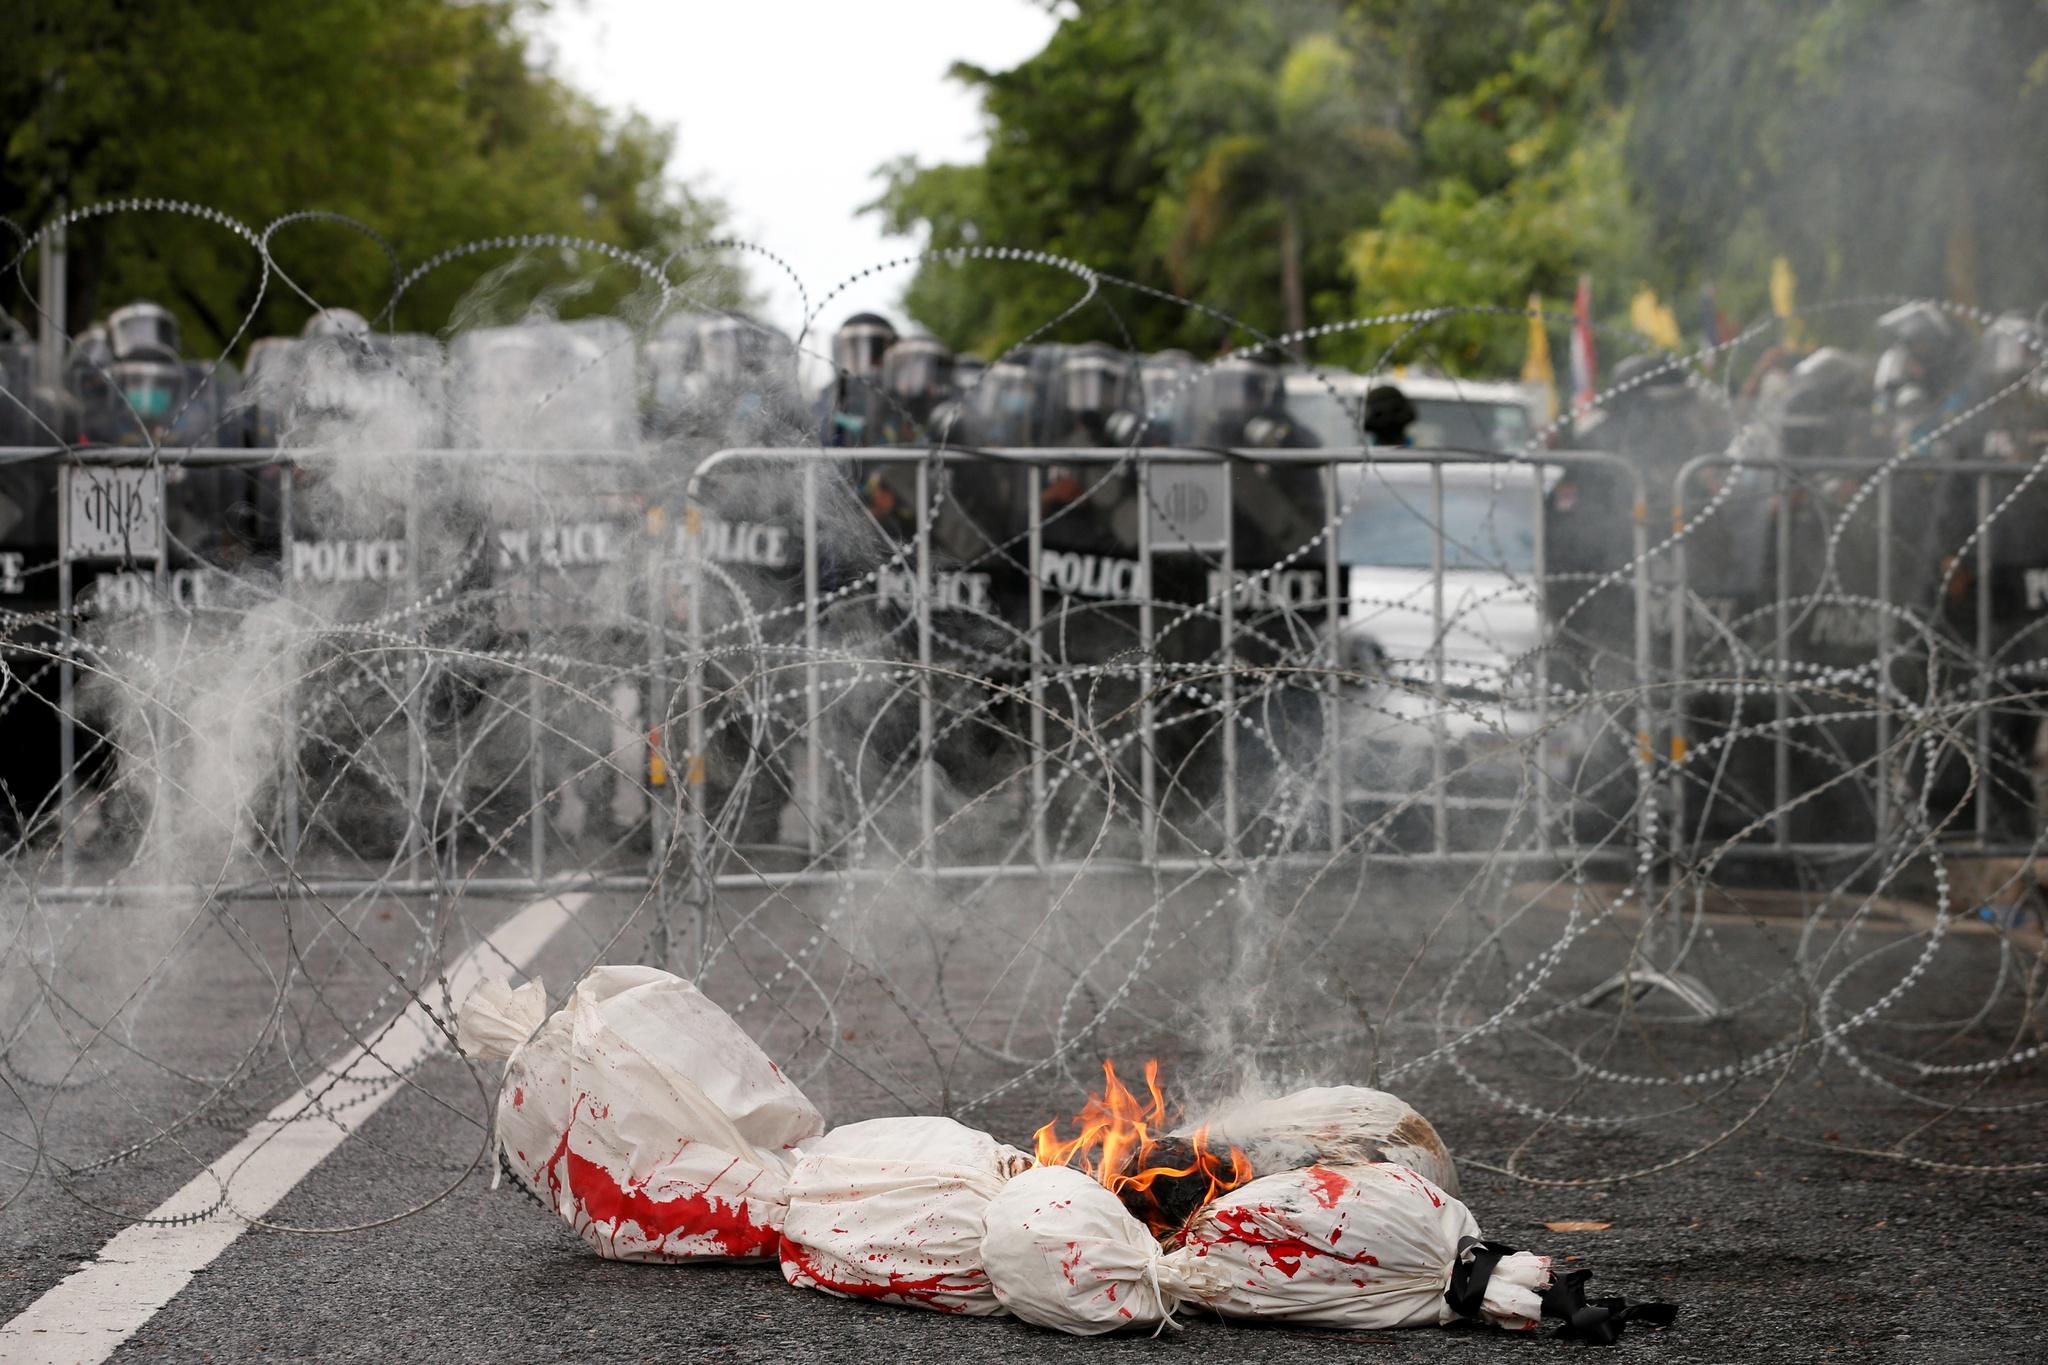 Biểu tình lớn tại Bangkok giữa đại dịch Covid-19 - ảnh 2